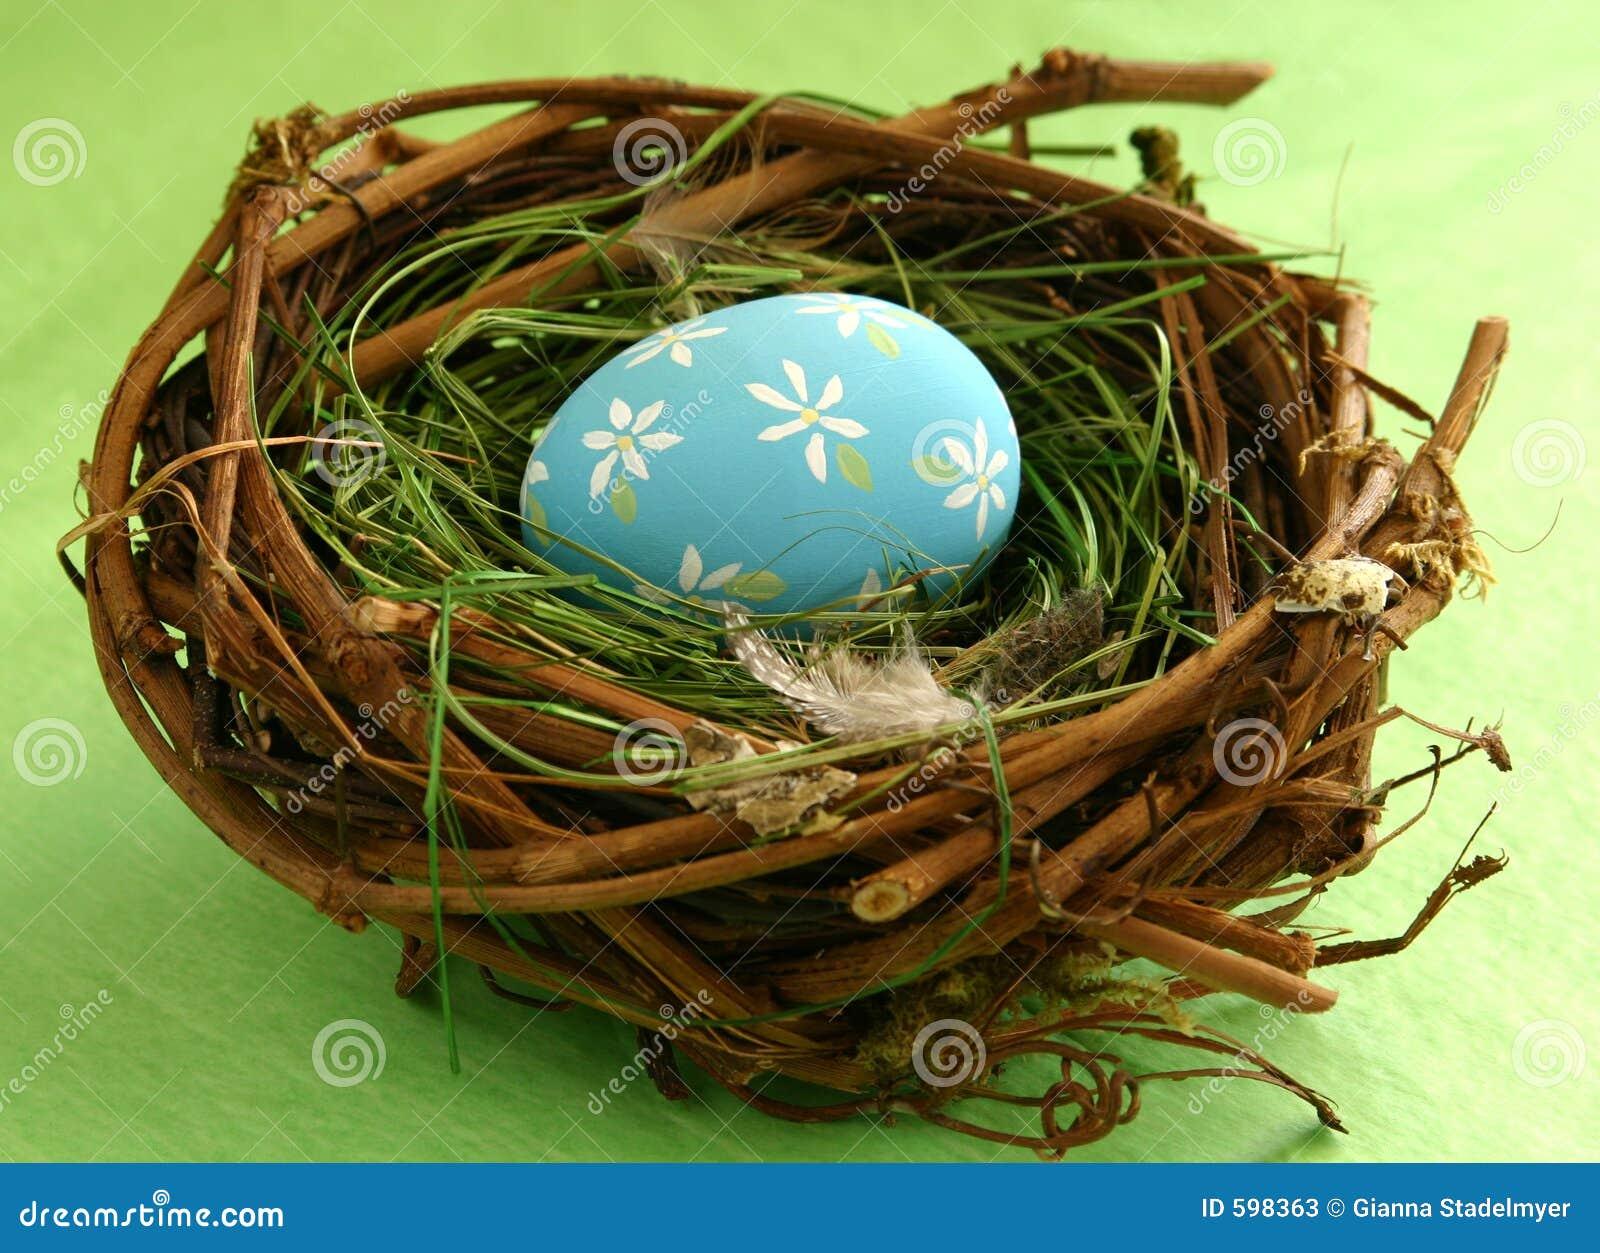 Paasei in Nest